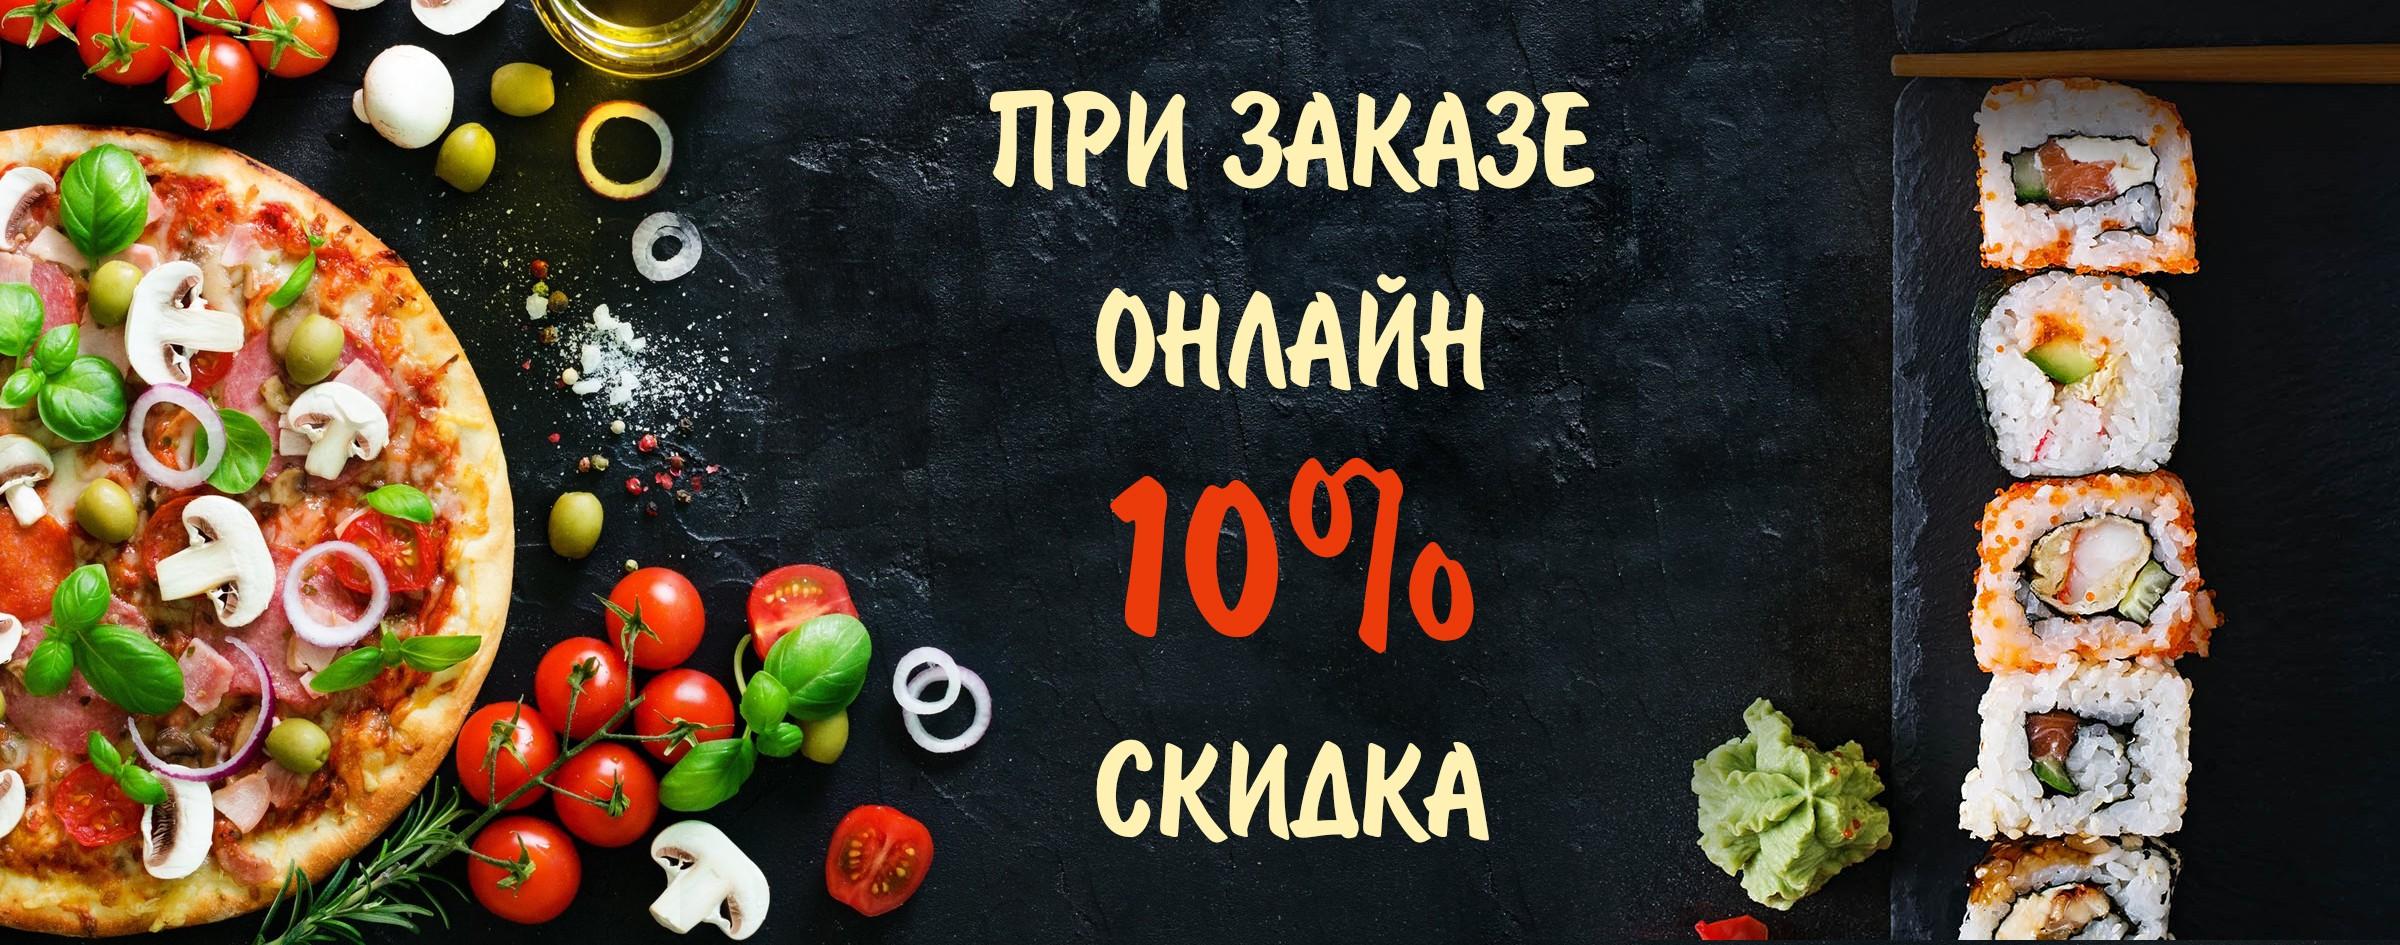 При заказе онлайн скидка 10%